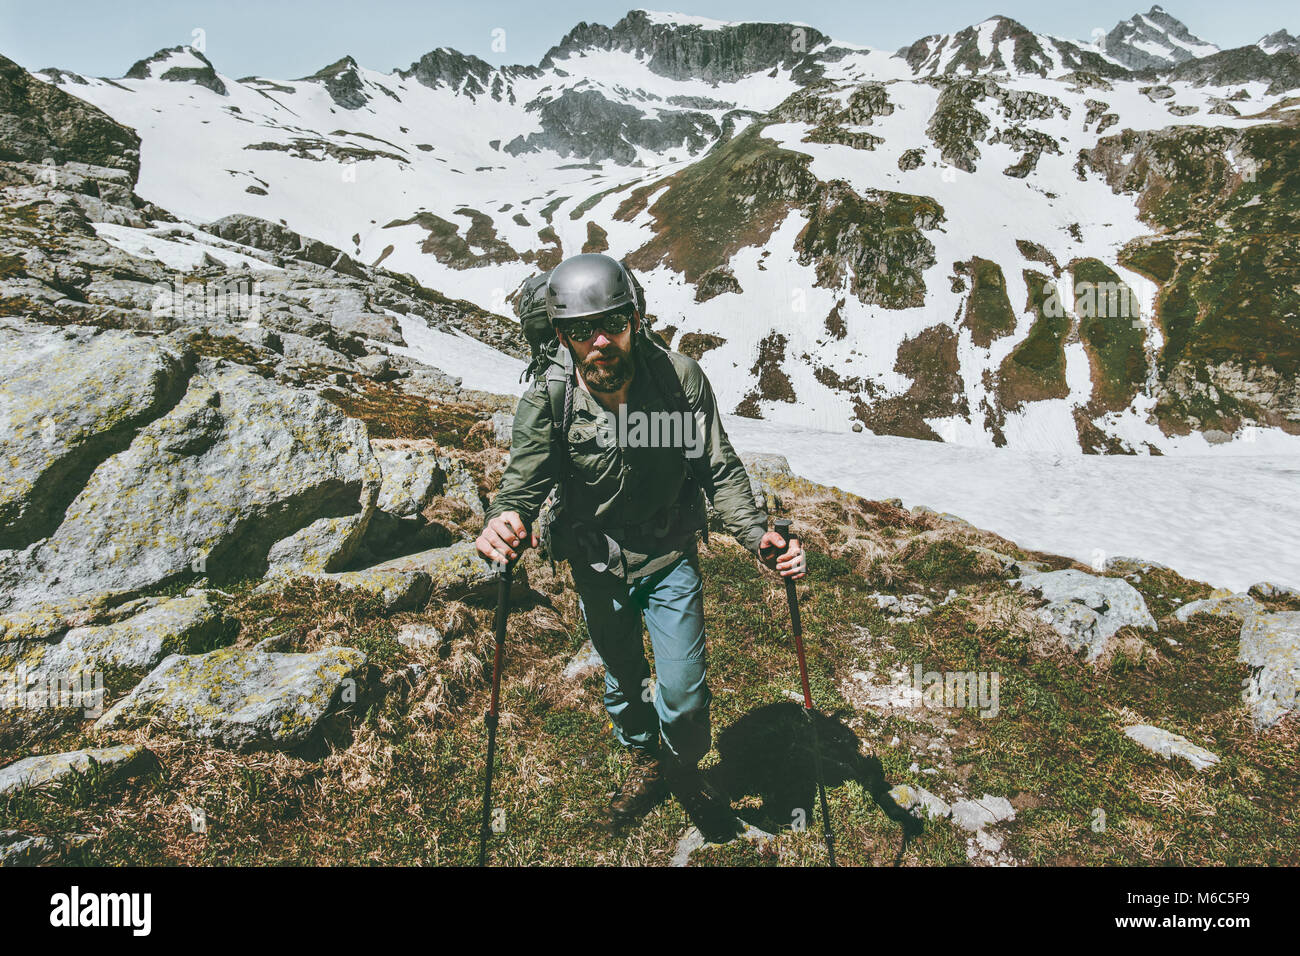 Mann Reisender mit Rucksack wandern in den Bergen expedition Reise überleben Lifestyle-konzept Abenteuer Outdoor Stockbild